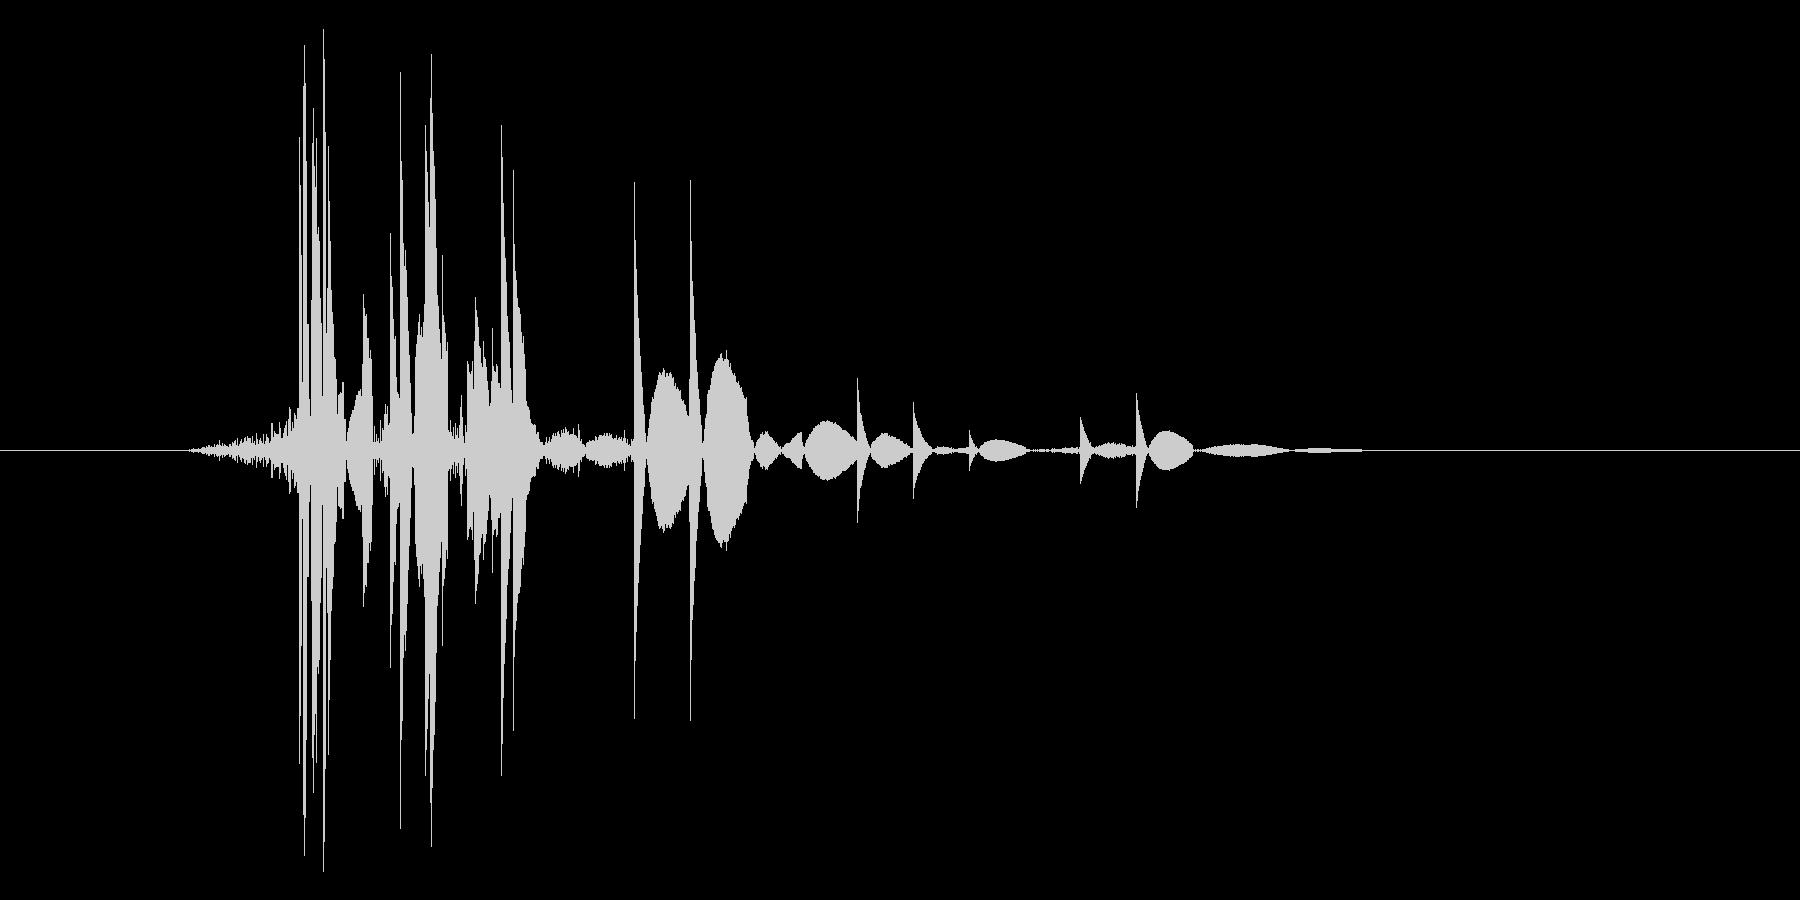 ゲーム(ファミコン風)ヒット音_035の未再生の波形